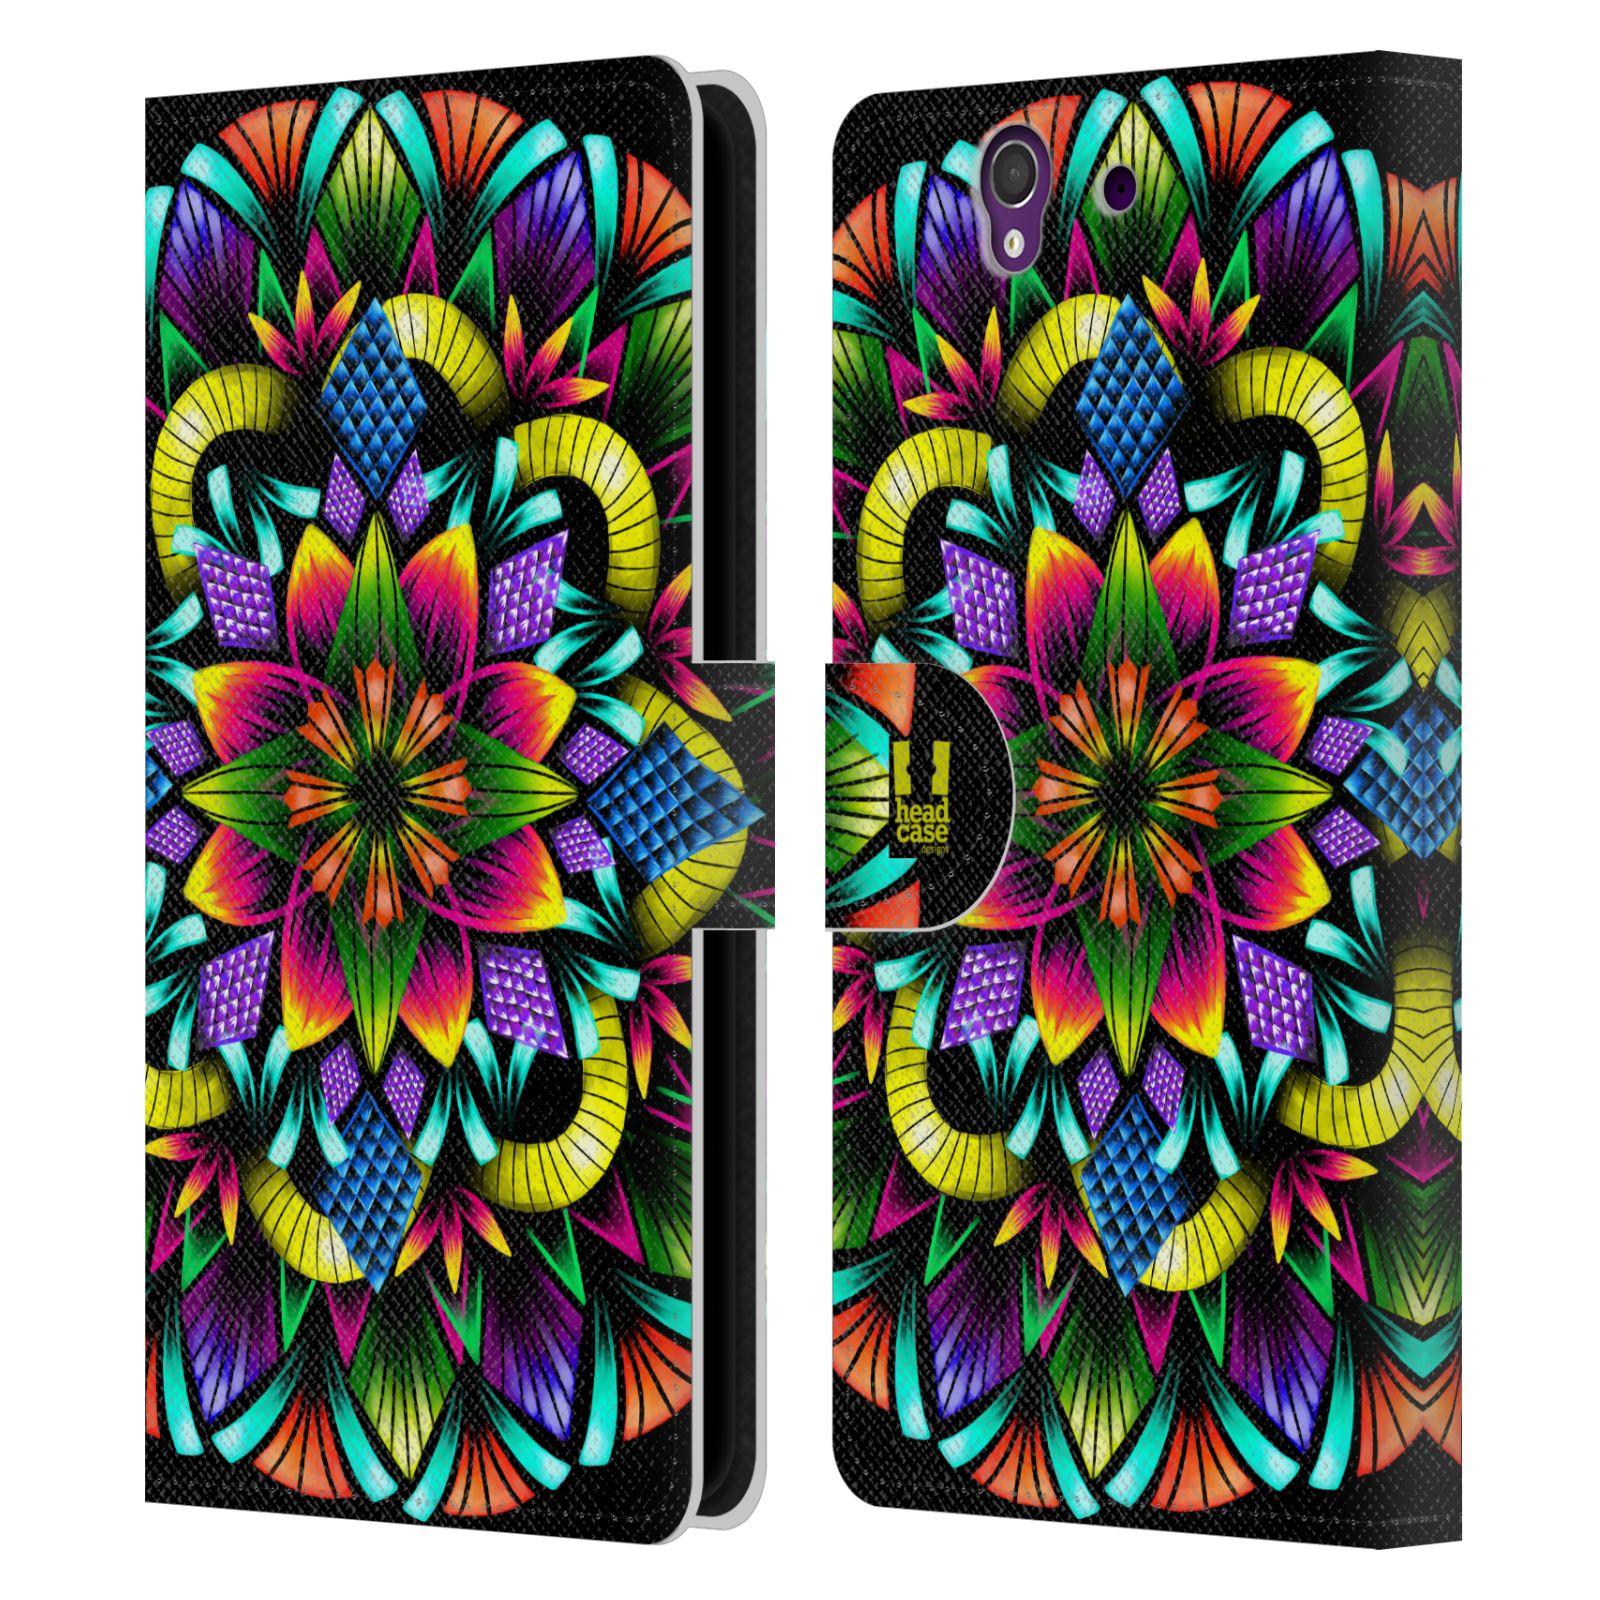 HEAD CASE Flipové pouzdro pro mobil SONY XPERIA Z (C6603) zářivá mandala kaleidoskop květina